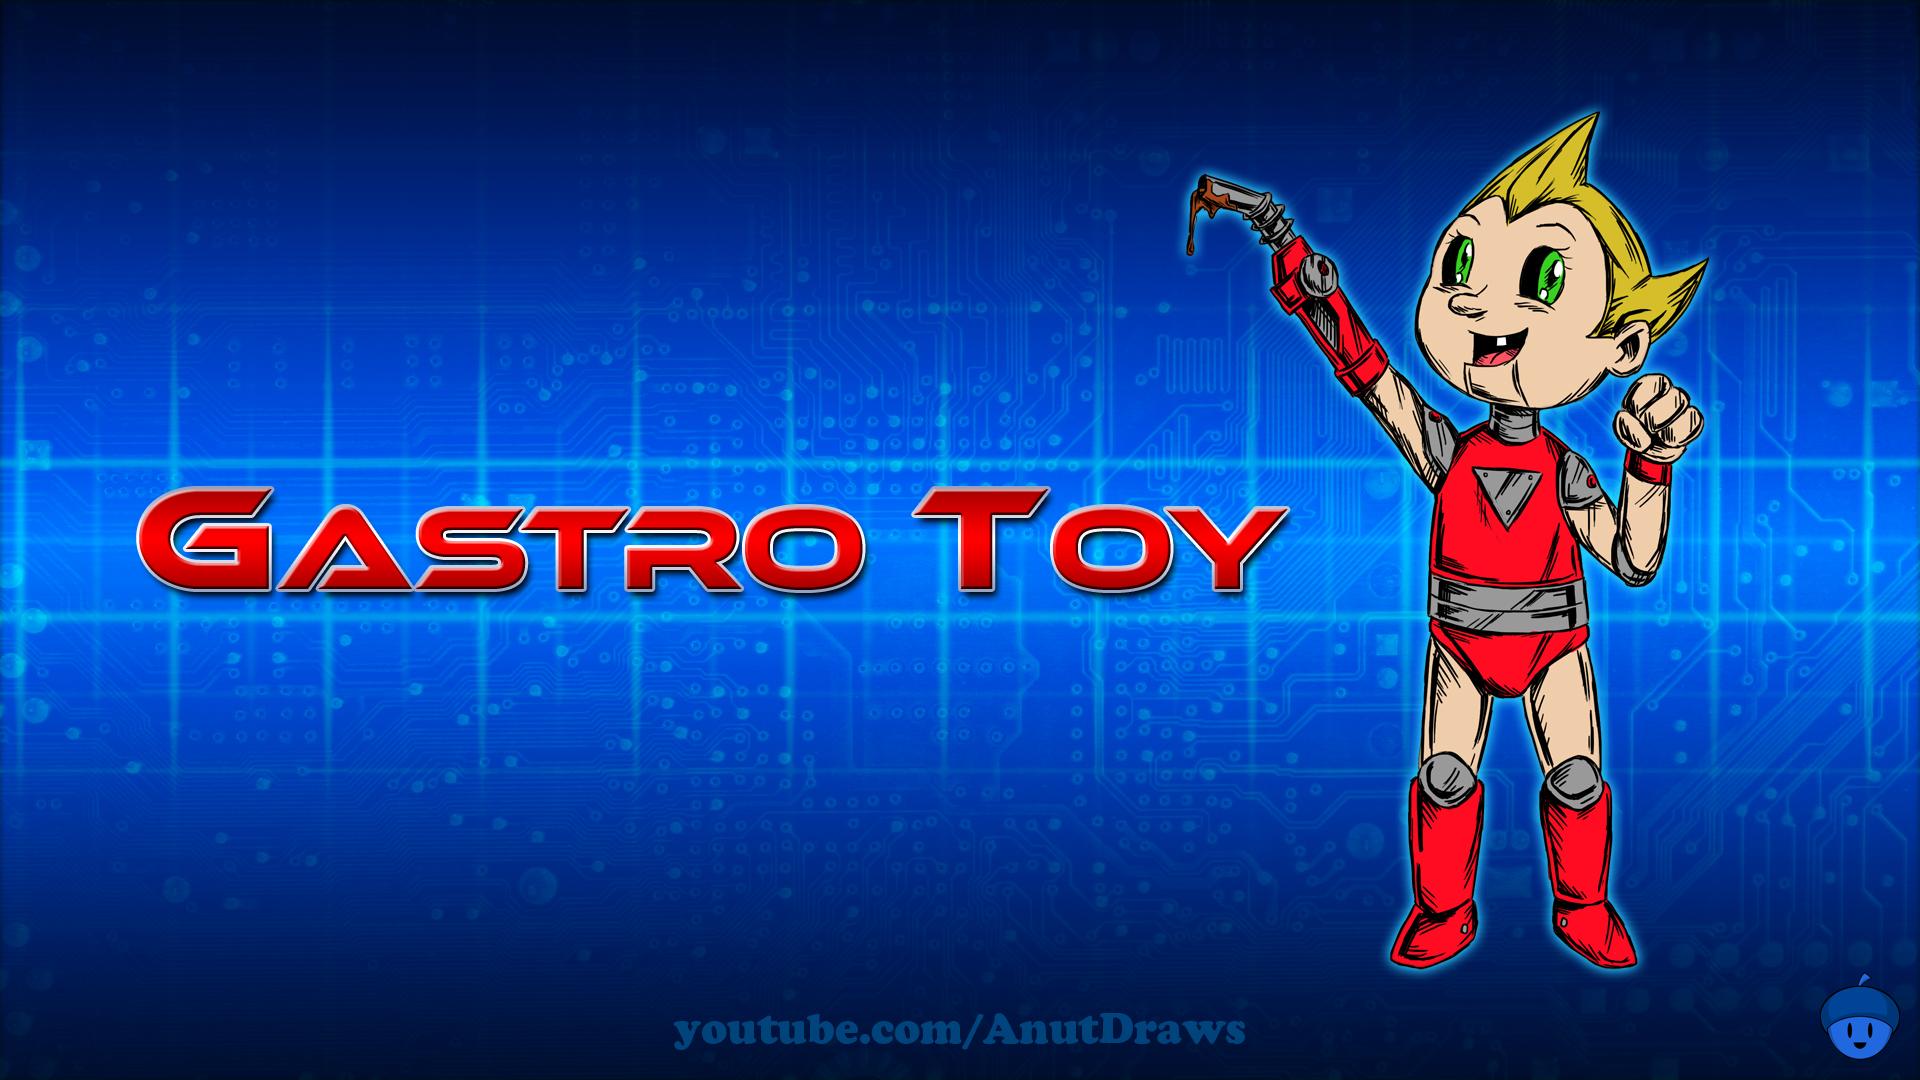 Astro Boy Computer Wallpapers Desktop Backgrounds 1920x1080 ID 1920x1080